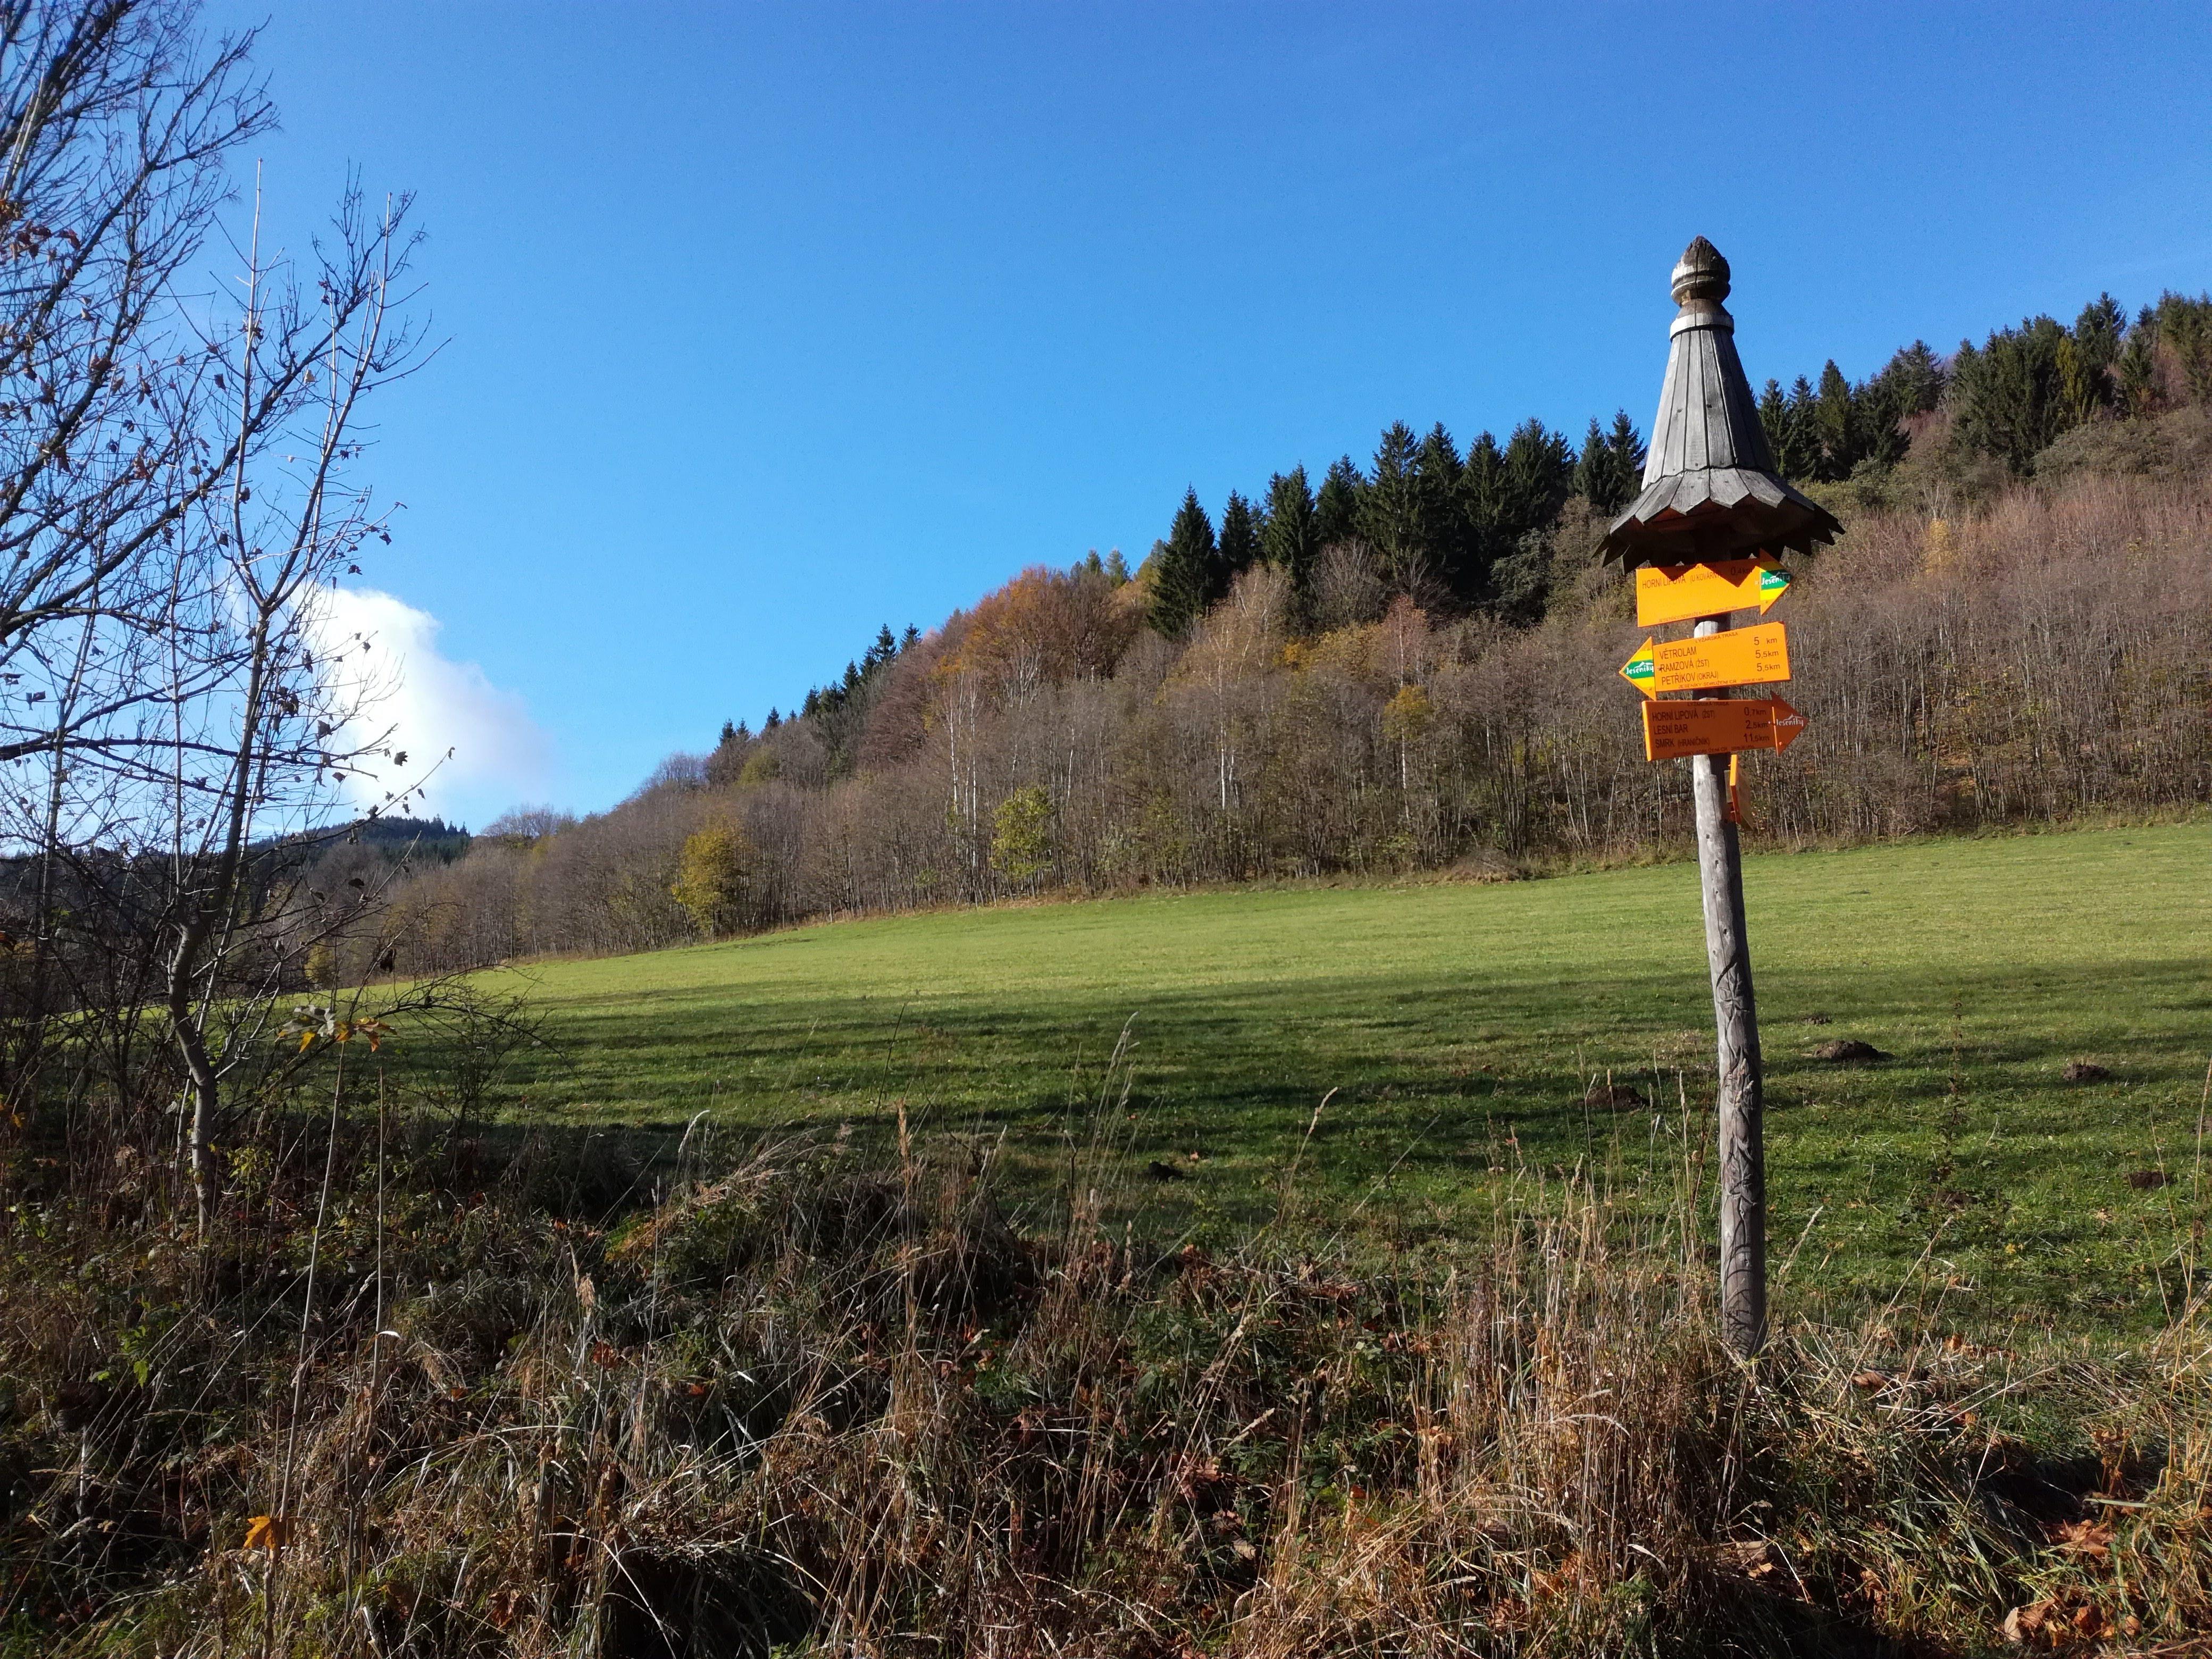 běžkařská trasa za domem